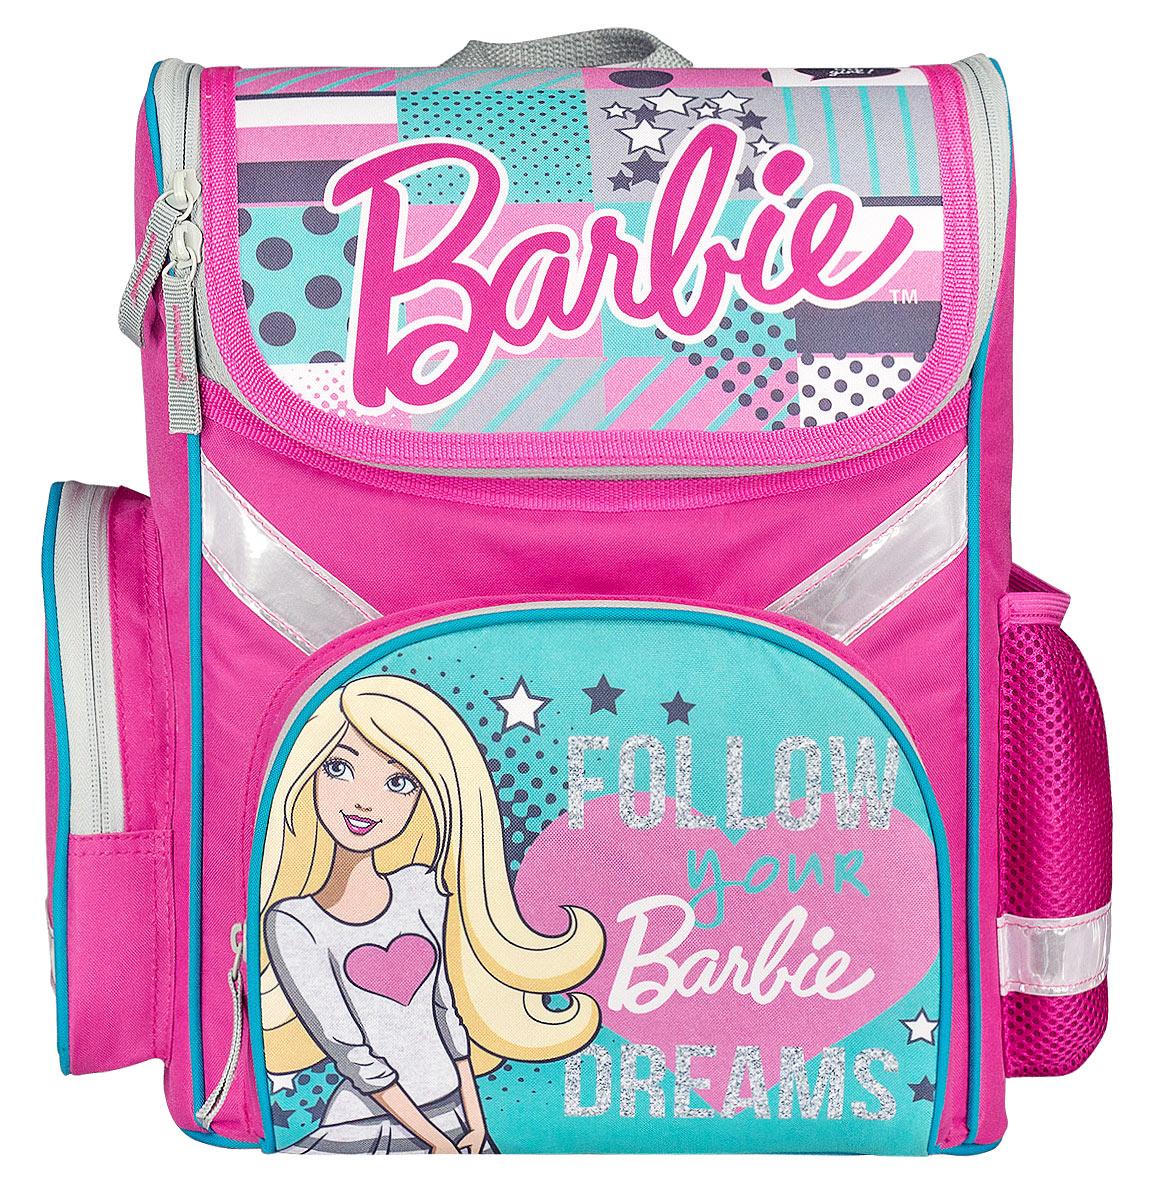 Barbie Ранец школьный Follow DreamsOM-667-9/1Школьный ранец Barbie выполнен из современного легкого и прочного полиэстера. Ранец дополнен ярким изображением куклы Барби.Изделие имеет одно основное отделение, закрывающееся клапаном на застежку-молнию с двумя бегунками. Внутри отделения расположены два мягких разделителя с утягивающей резинкой, предназначенные для тетрадей и учебников. На лицевой стороне ранца расположен накладной карман на молнии. По бокам ранца размещены два дополнительных накладных кармана, один на молнии, и один открытый.Анатомическая вентилируемая спинка ранца и широкие мягкие лямки, регулируемые по длине, равномерно распределяют нагрузку на плечевой пояс, способствуя формированию правильной осанки.Ранец оснащен текстильной ручкой для переноски.Многофункциональный школьный ранец станет незаменимым спутником вашего ребенка в походах за знаниями.Вес ранца без наполнения менее 1 кг.